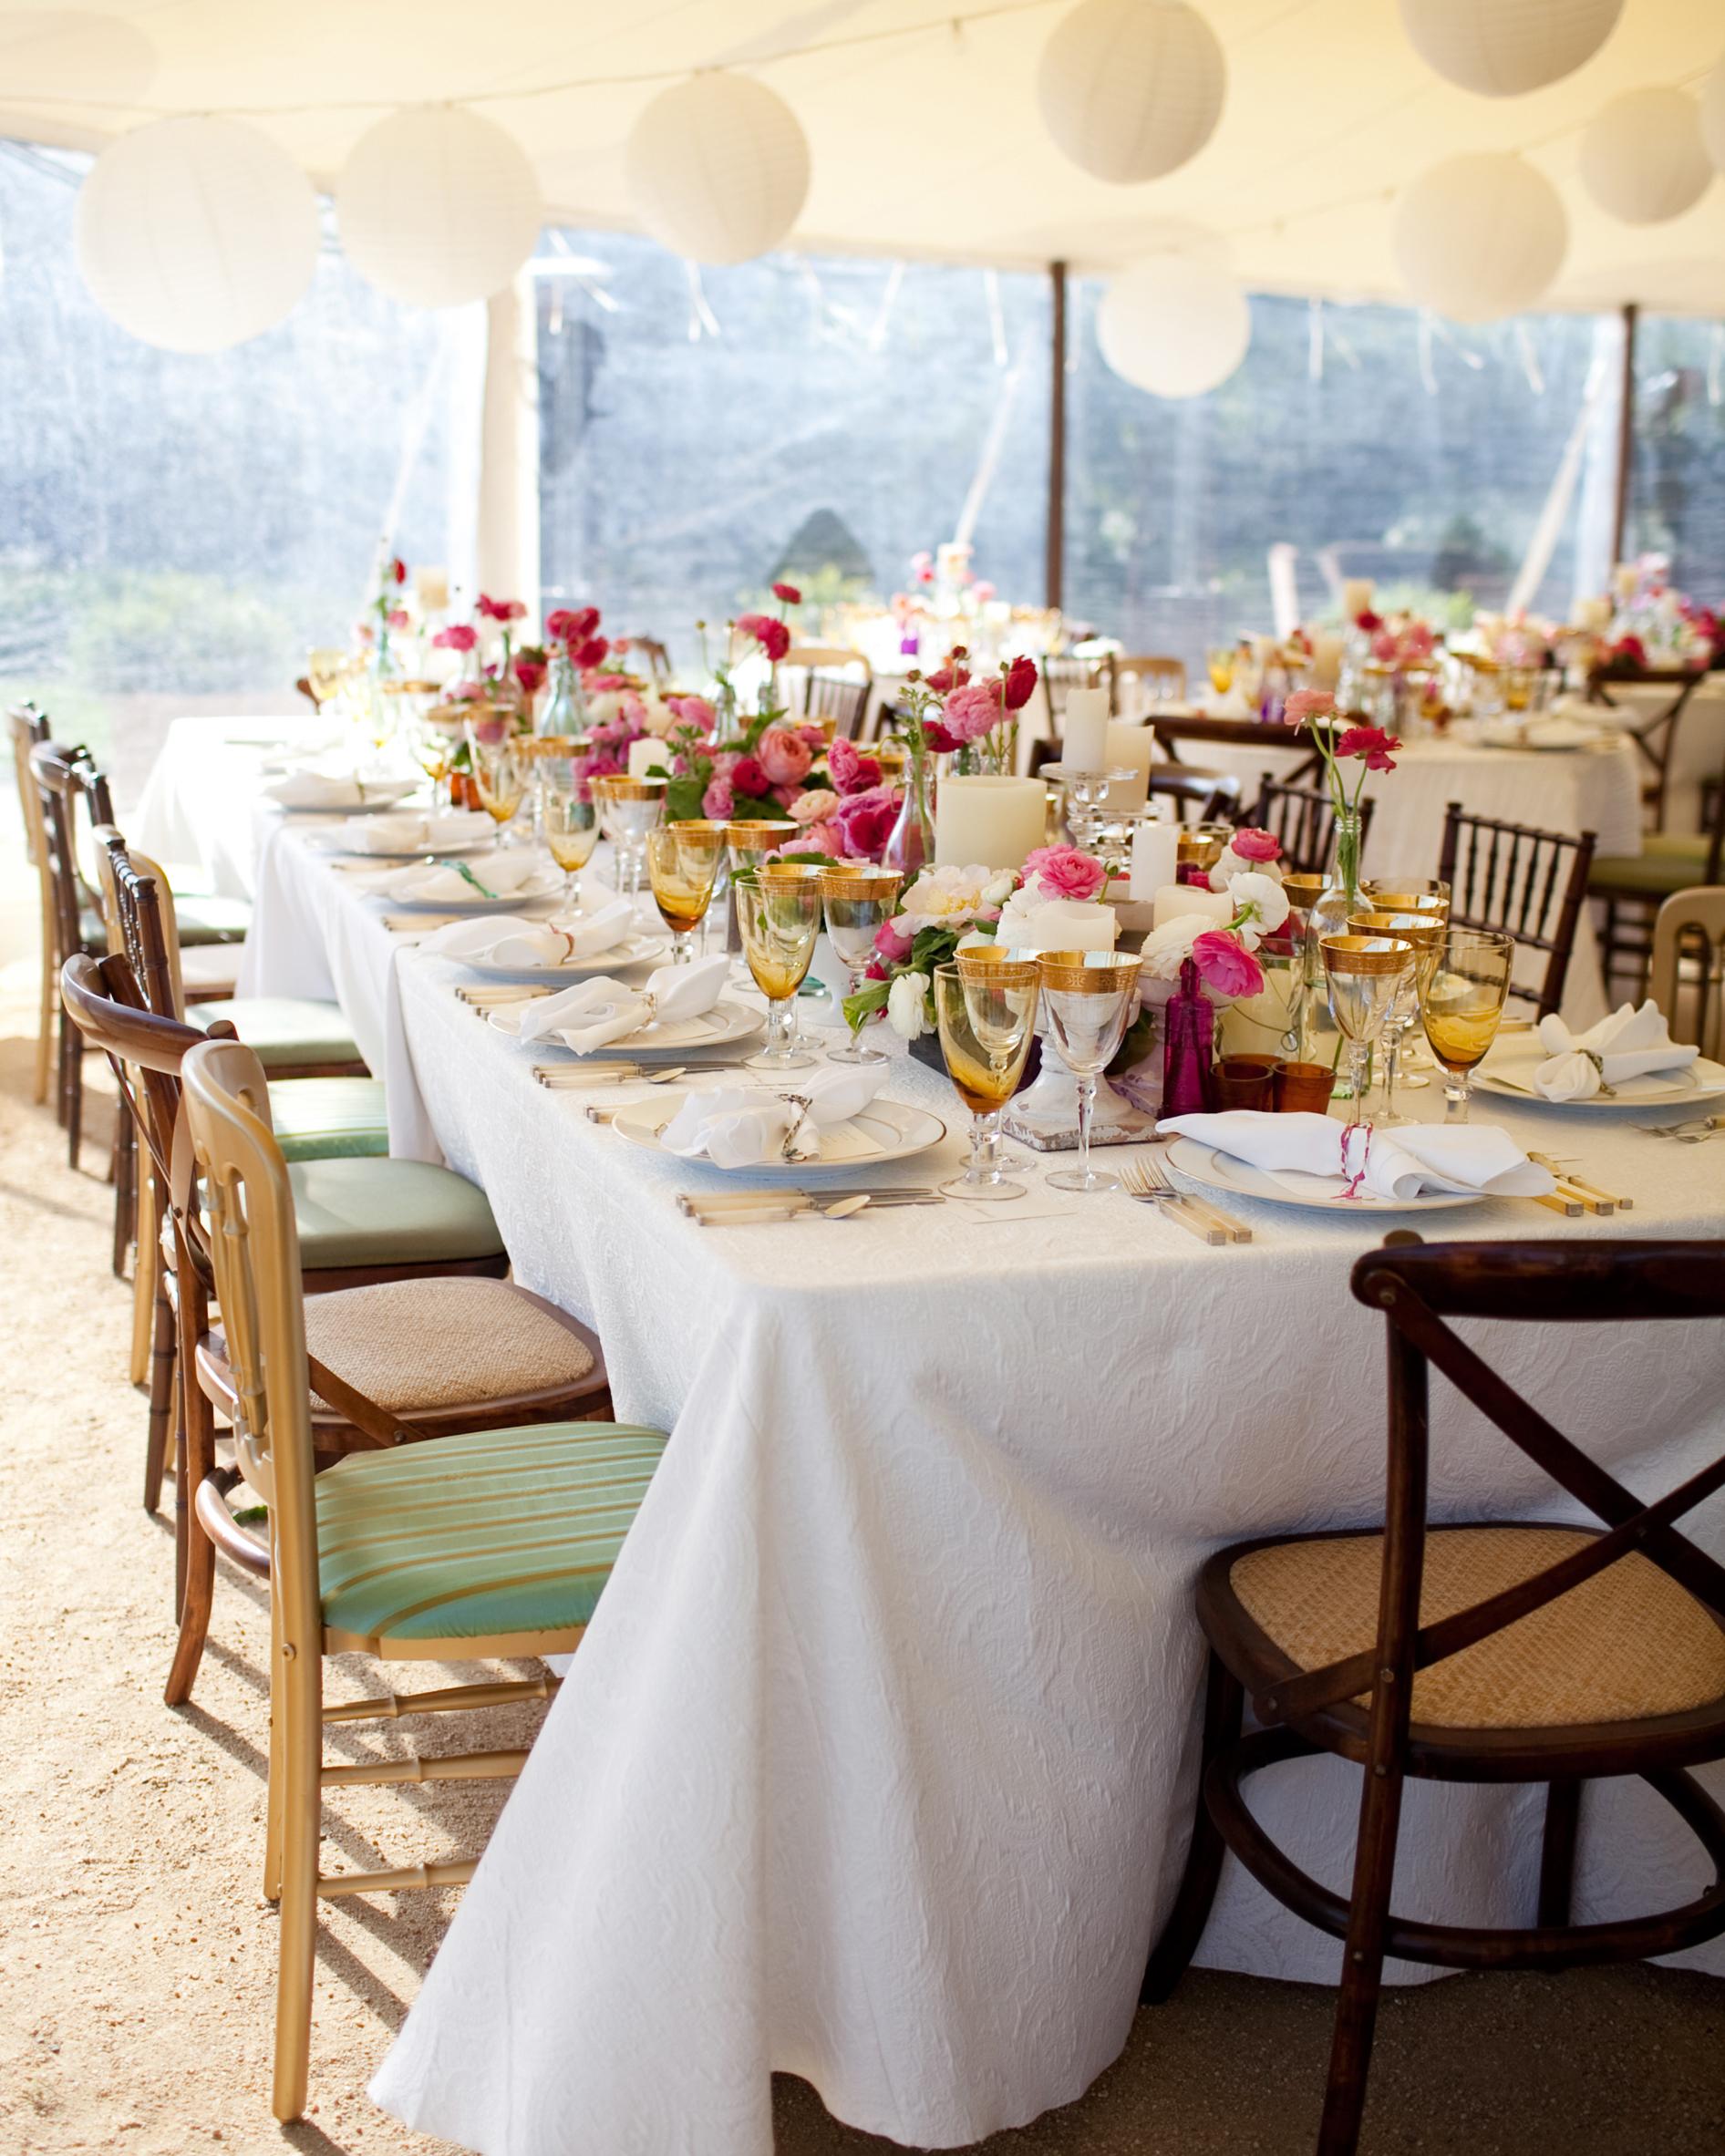 real-weddings-jen-ben-0811-326.jpg